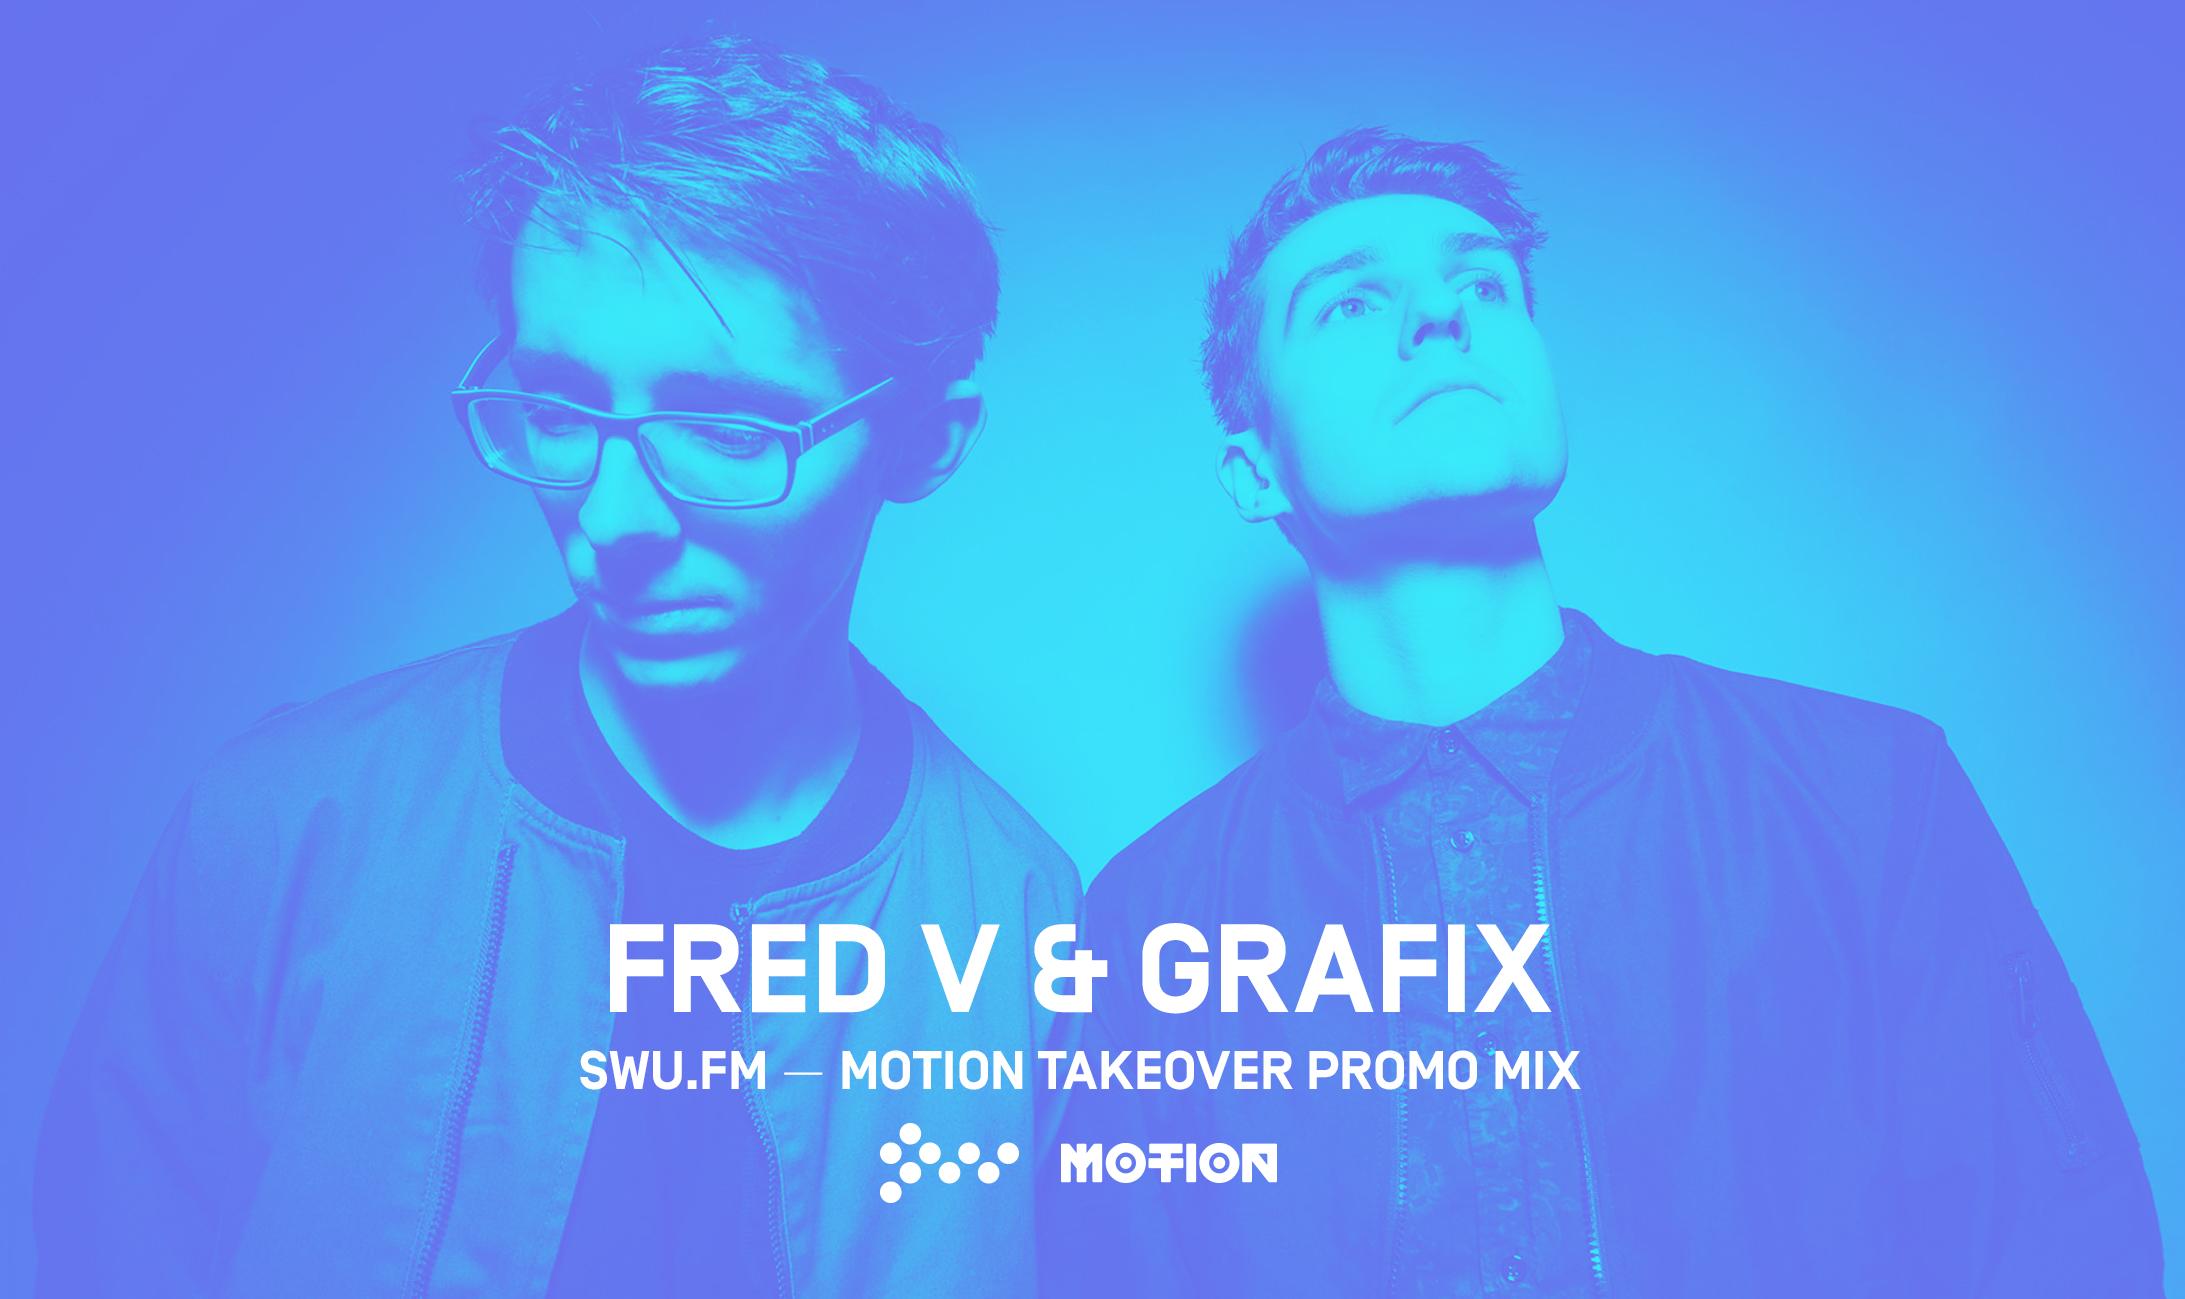 fvg-mix